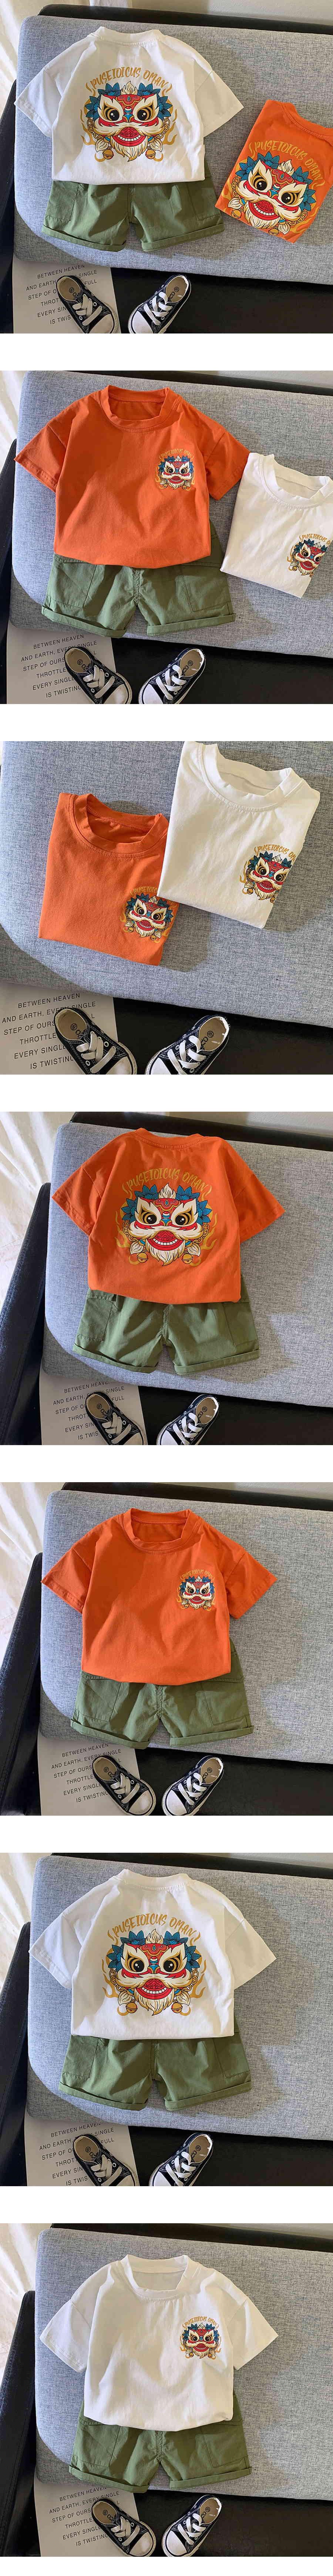 套裝.兒童個性服飾舞獅圖T兩件組.童裝